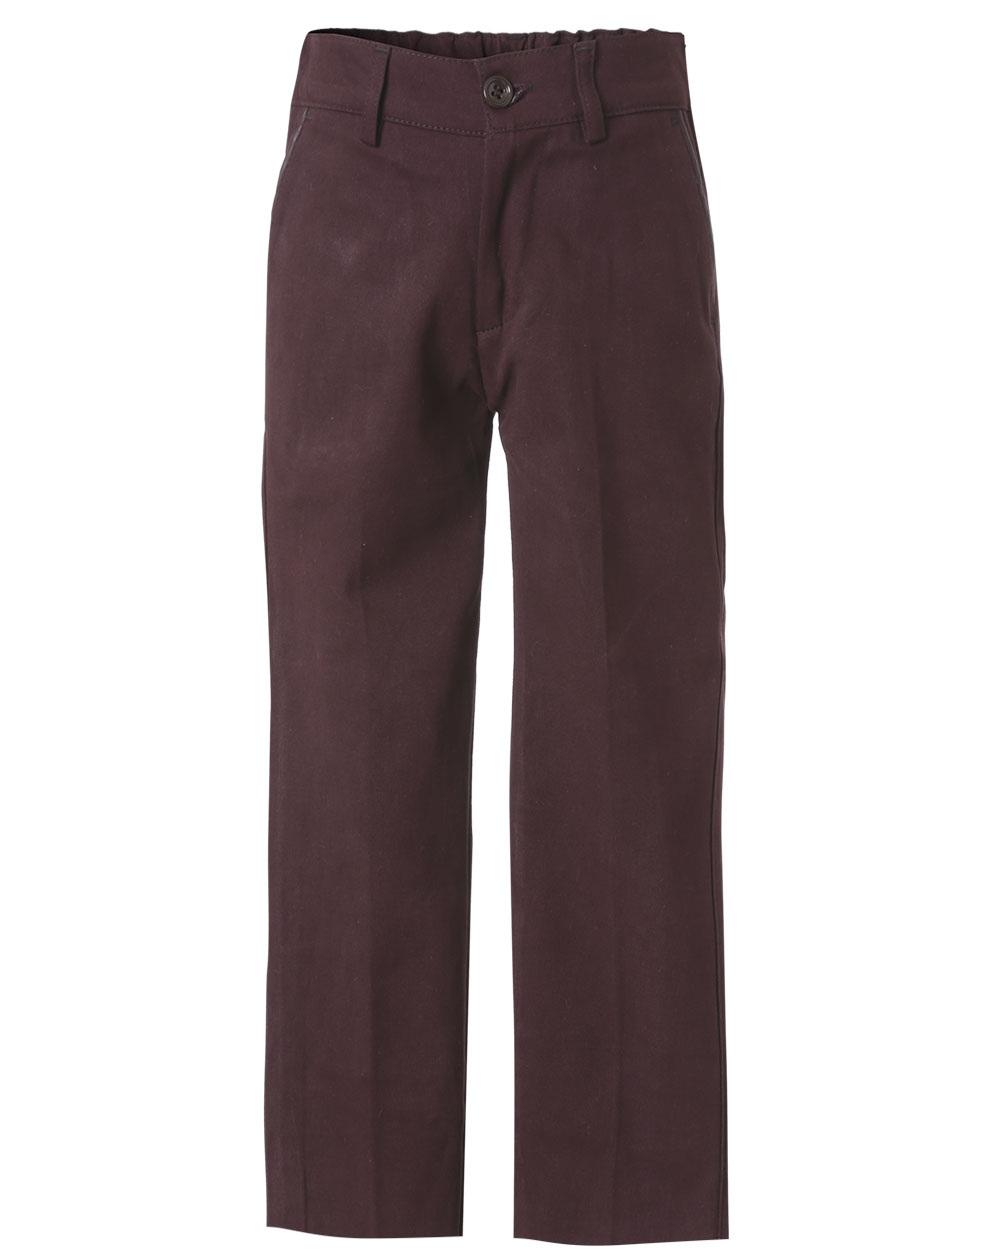 Παντελόνι chinos σε κλασική γραμμή 43-116091-2 - ΣΑΝΓΚΡΙΑ - 12209-149/12/326/106